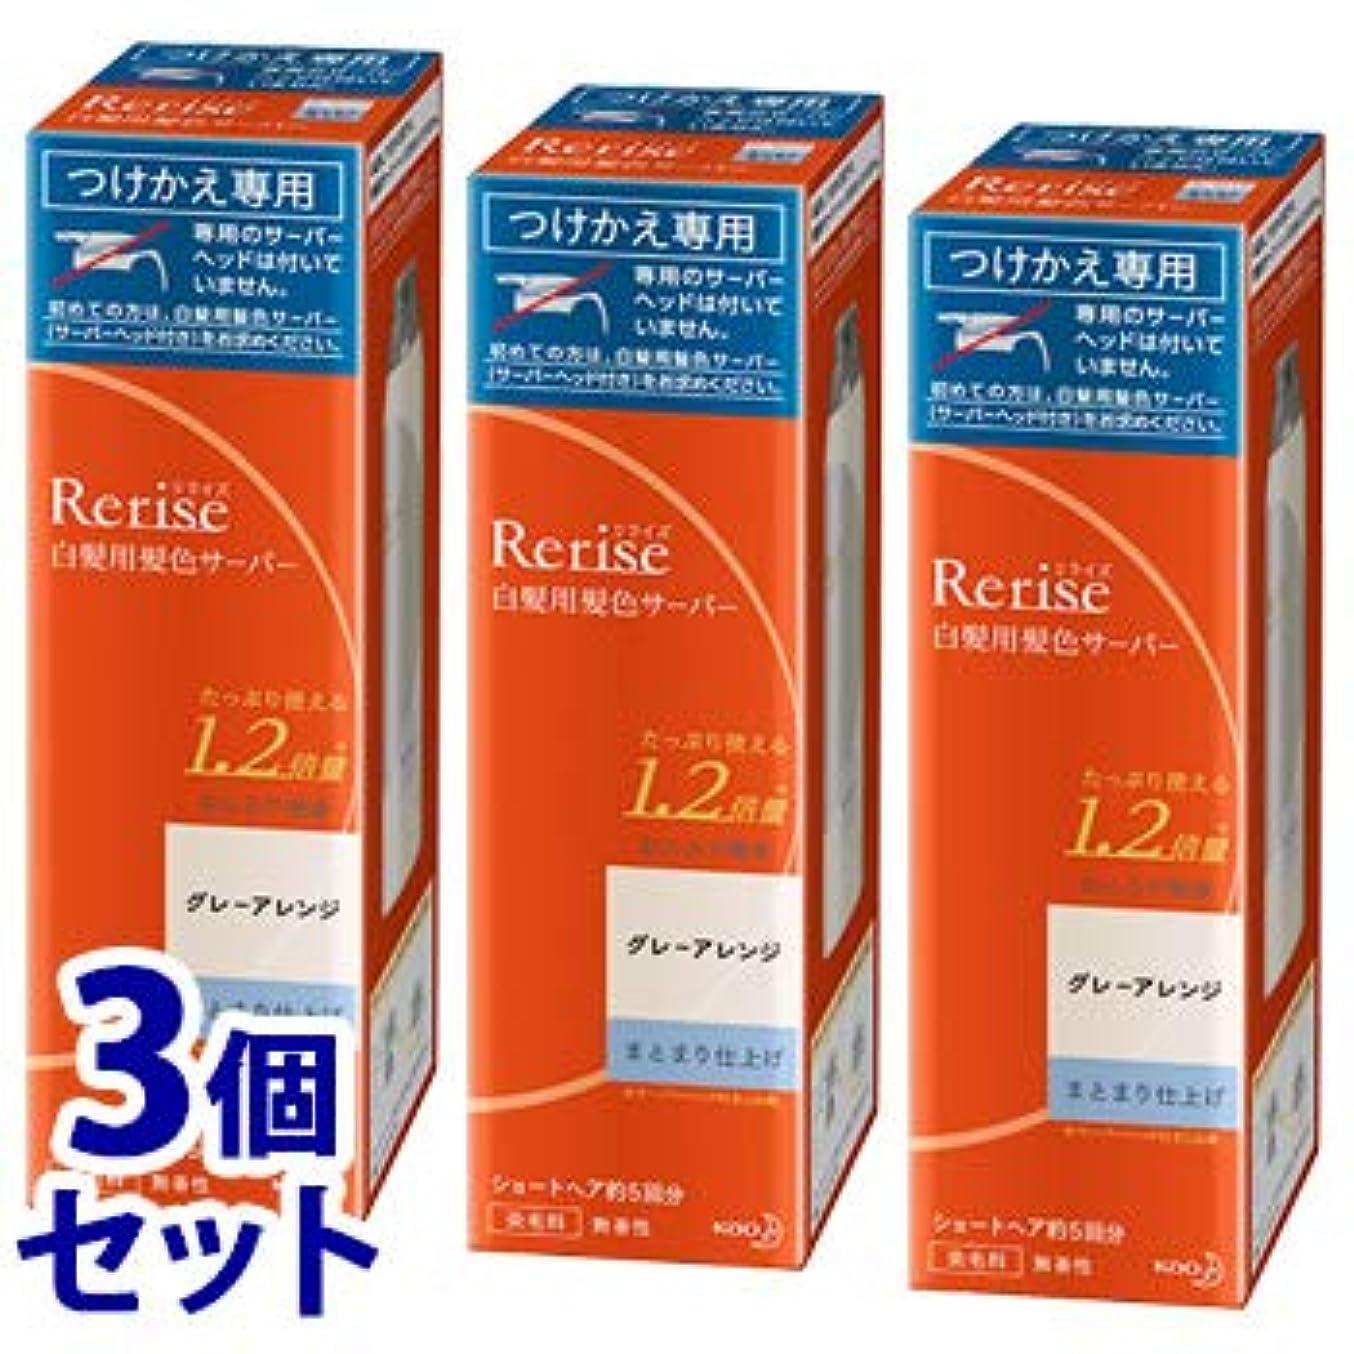 意欲通訳施し《セット販売》 花王 リライズ 白髪用髪色サーバー グレーアレンジ まとまり仕上げ つけかえ用 (190g)×3個セット 付け替え用 染毛料